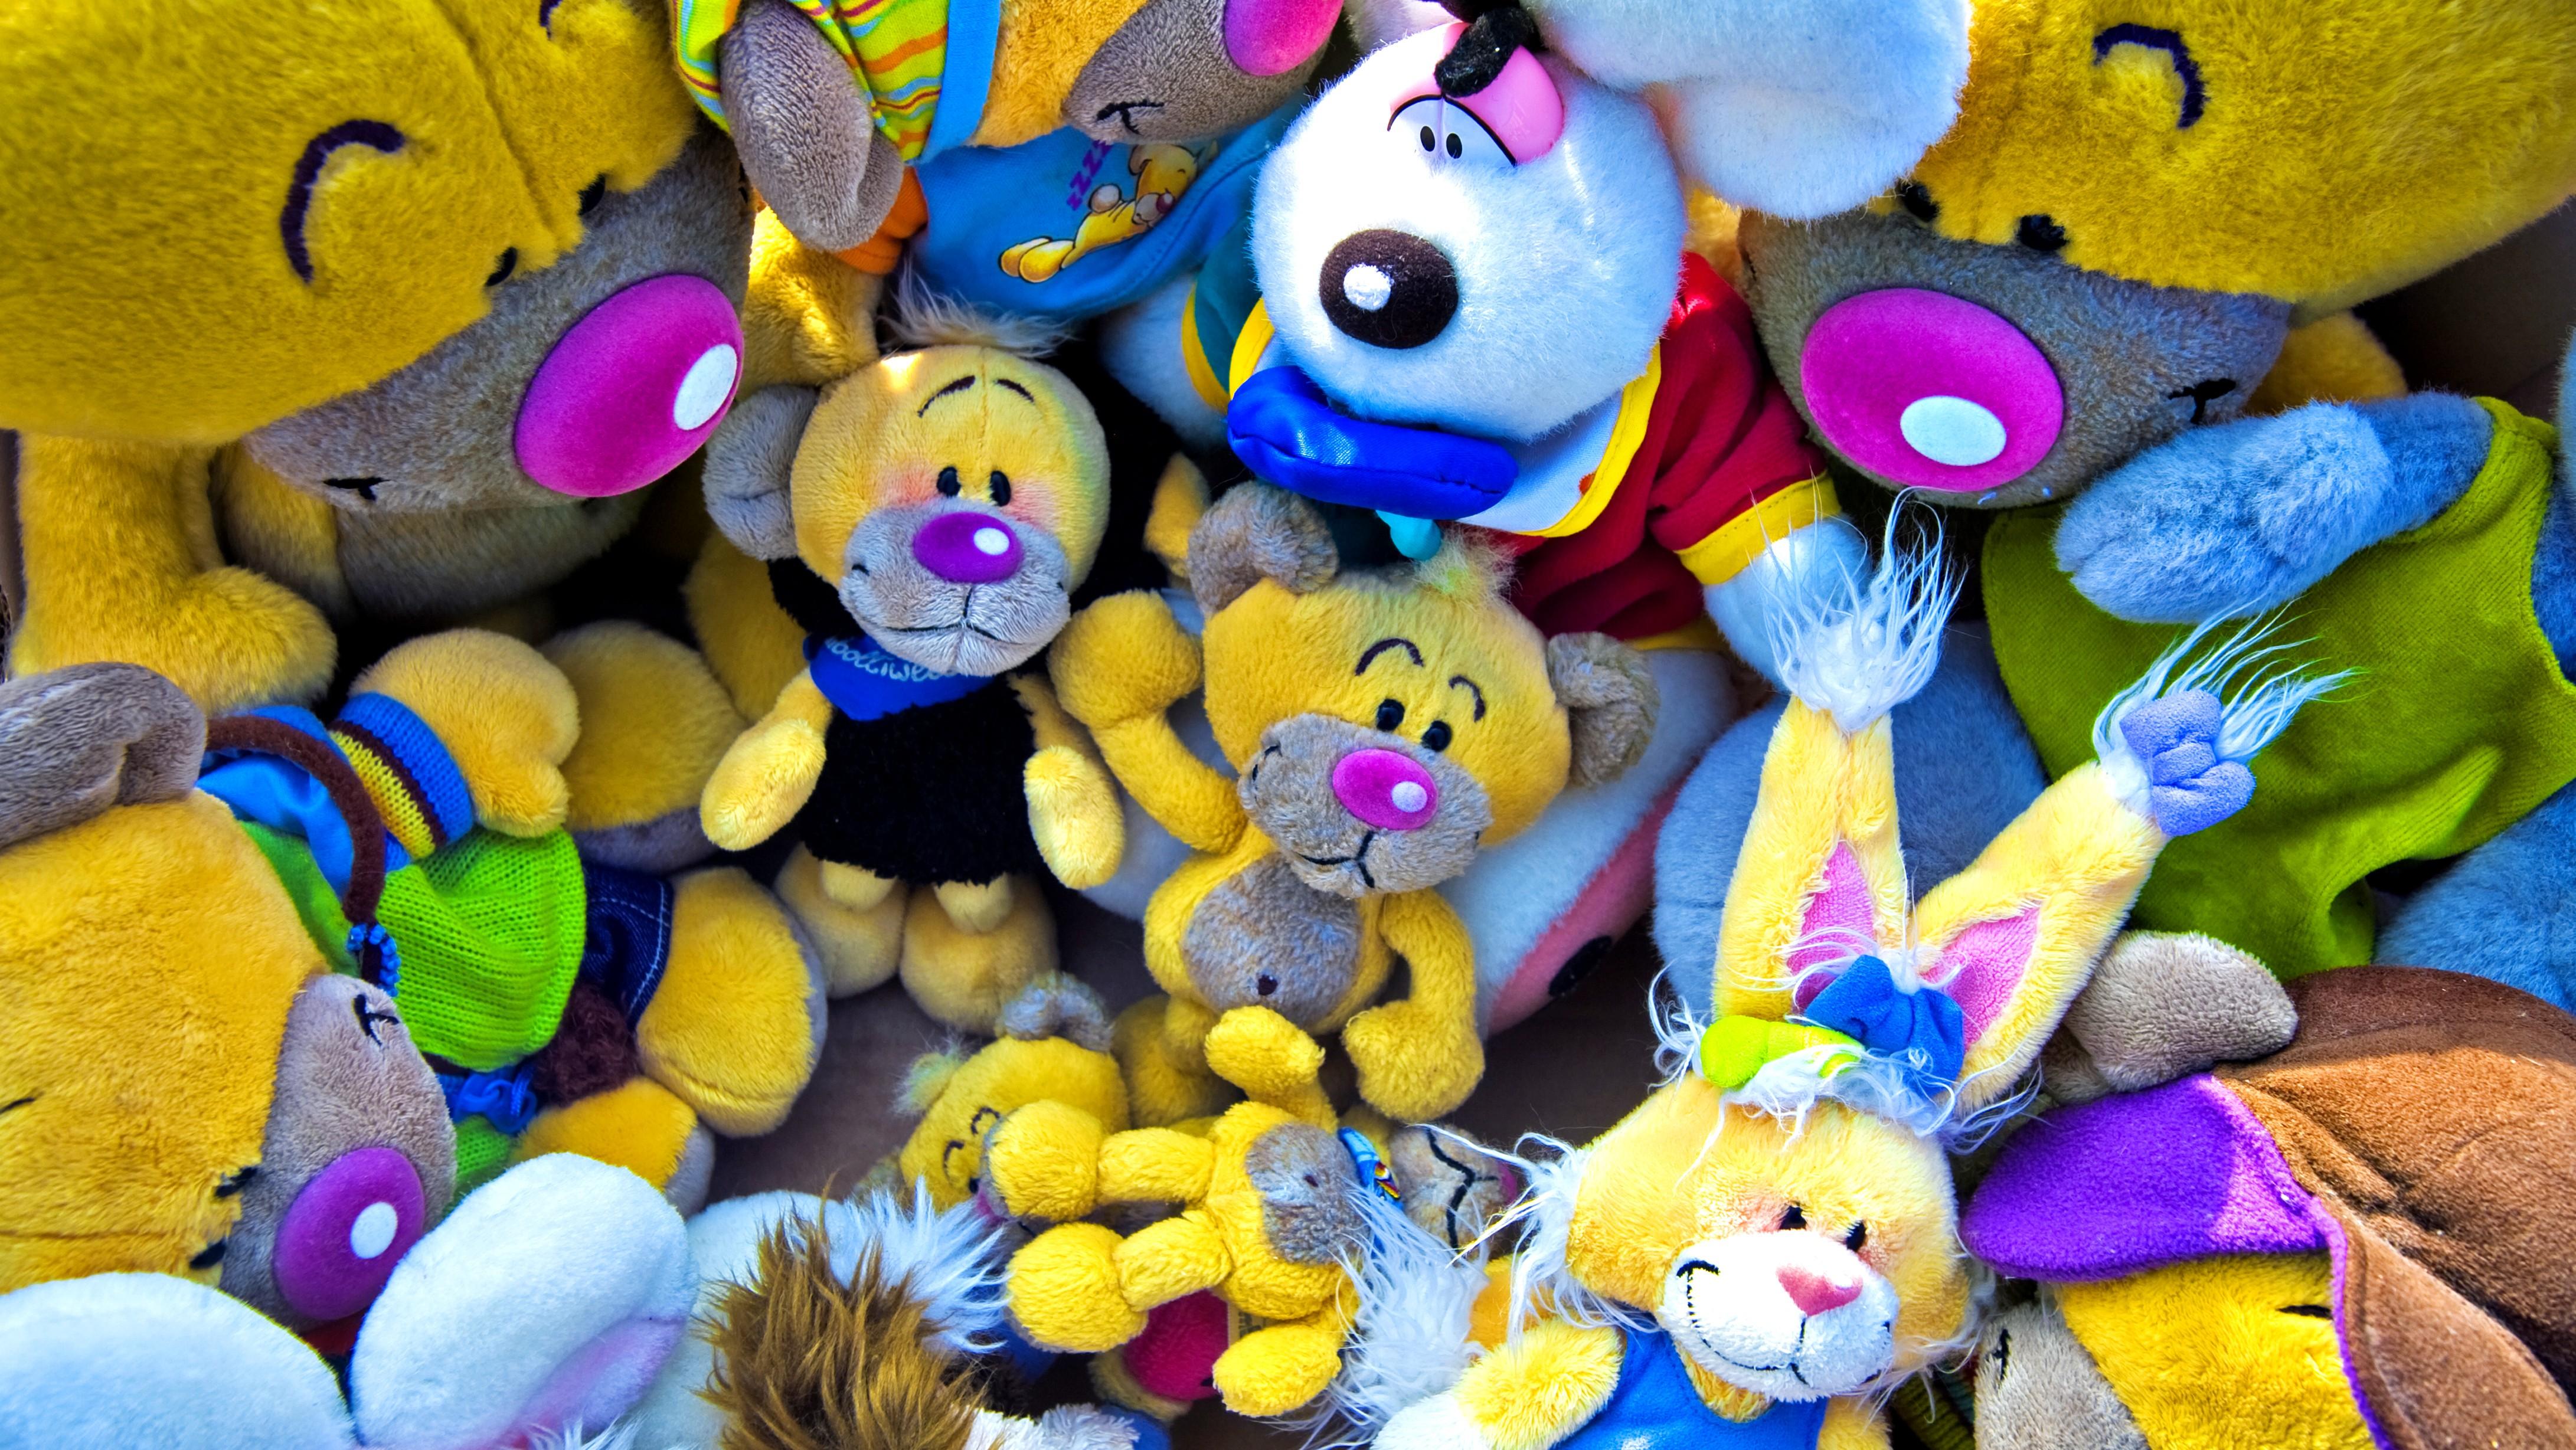 688c657525 31.12.2014 Krimi · Fejky hračiek. Tisíce napodobenín ulovili colníci